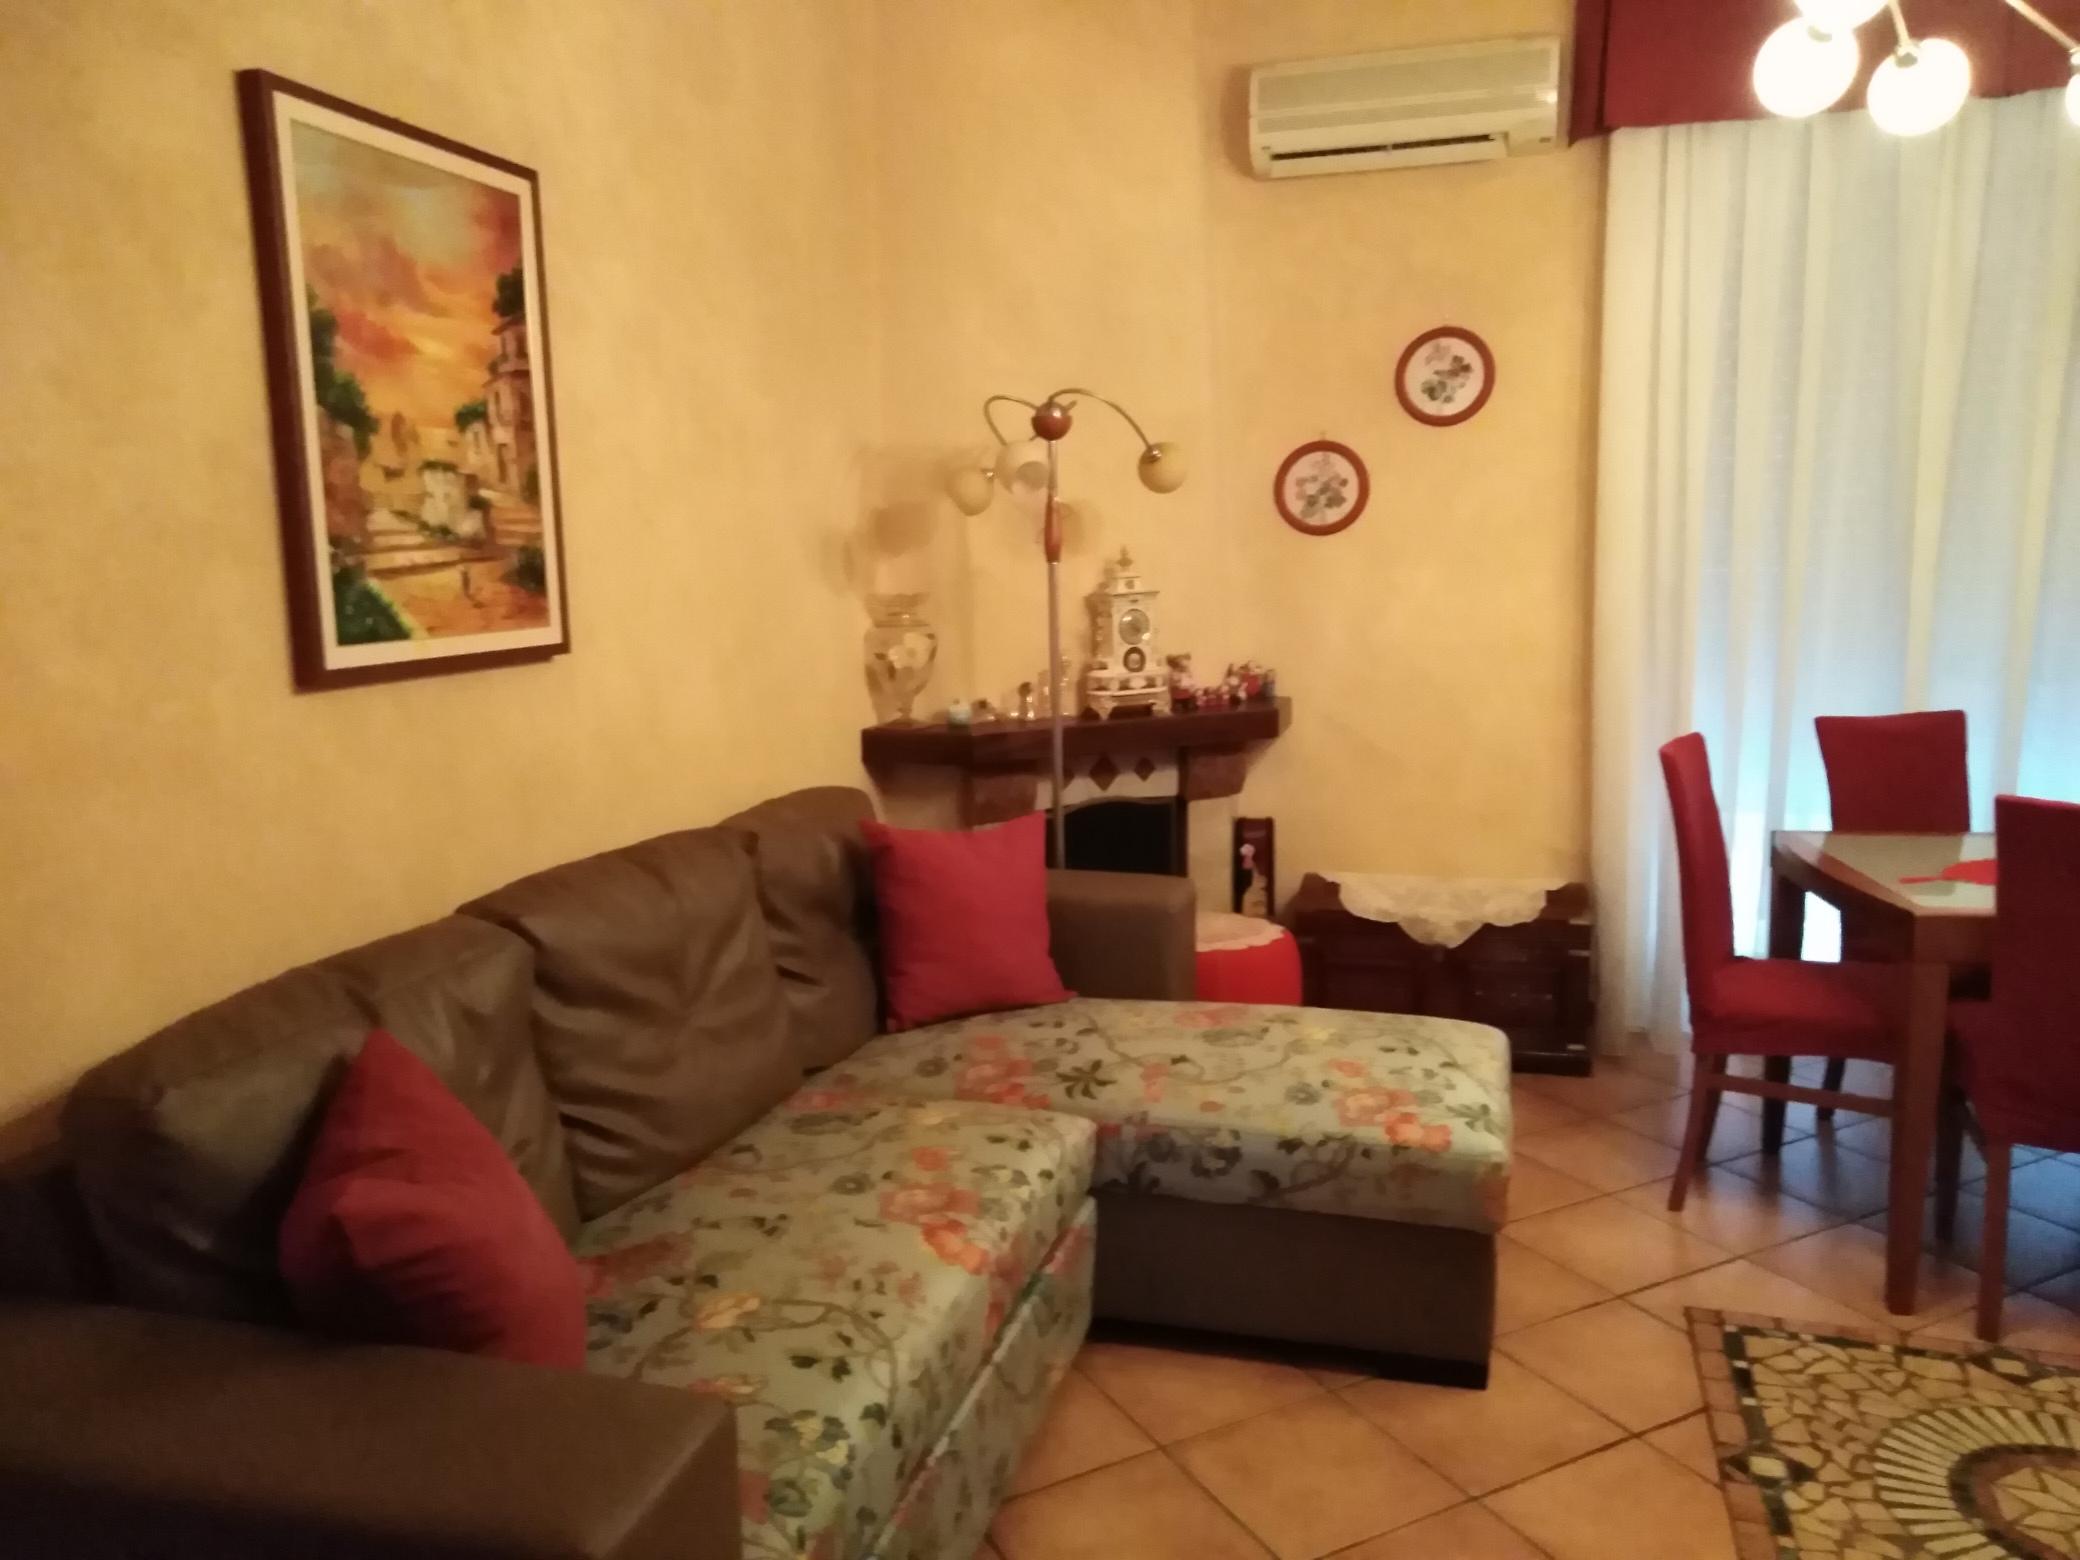 Vendita appartamento ristrutturato con terrazzo Caserta centro via Roma